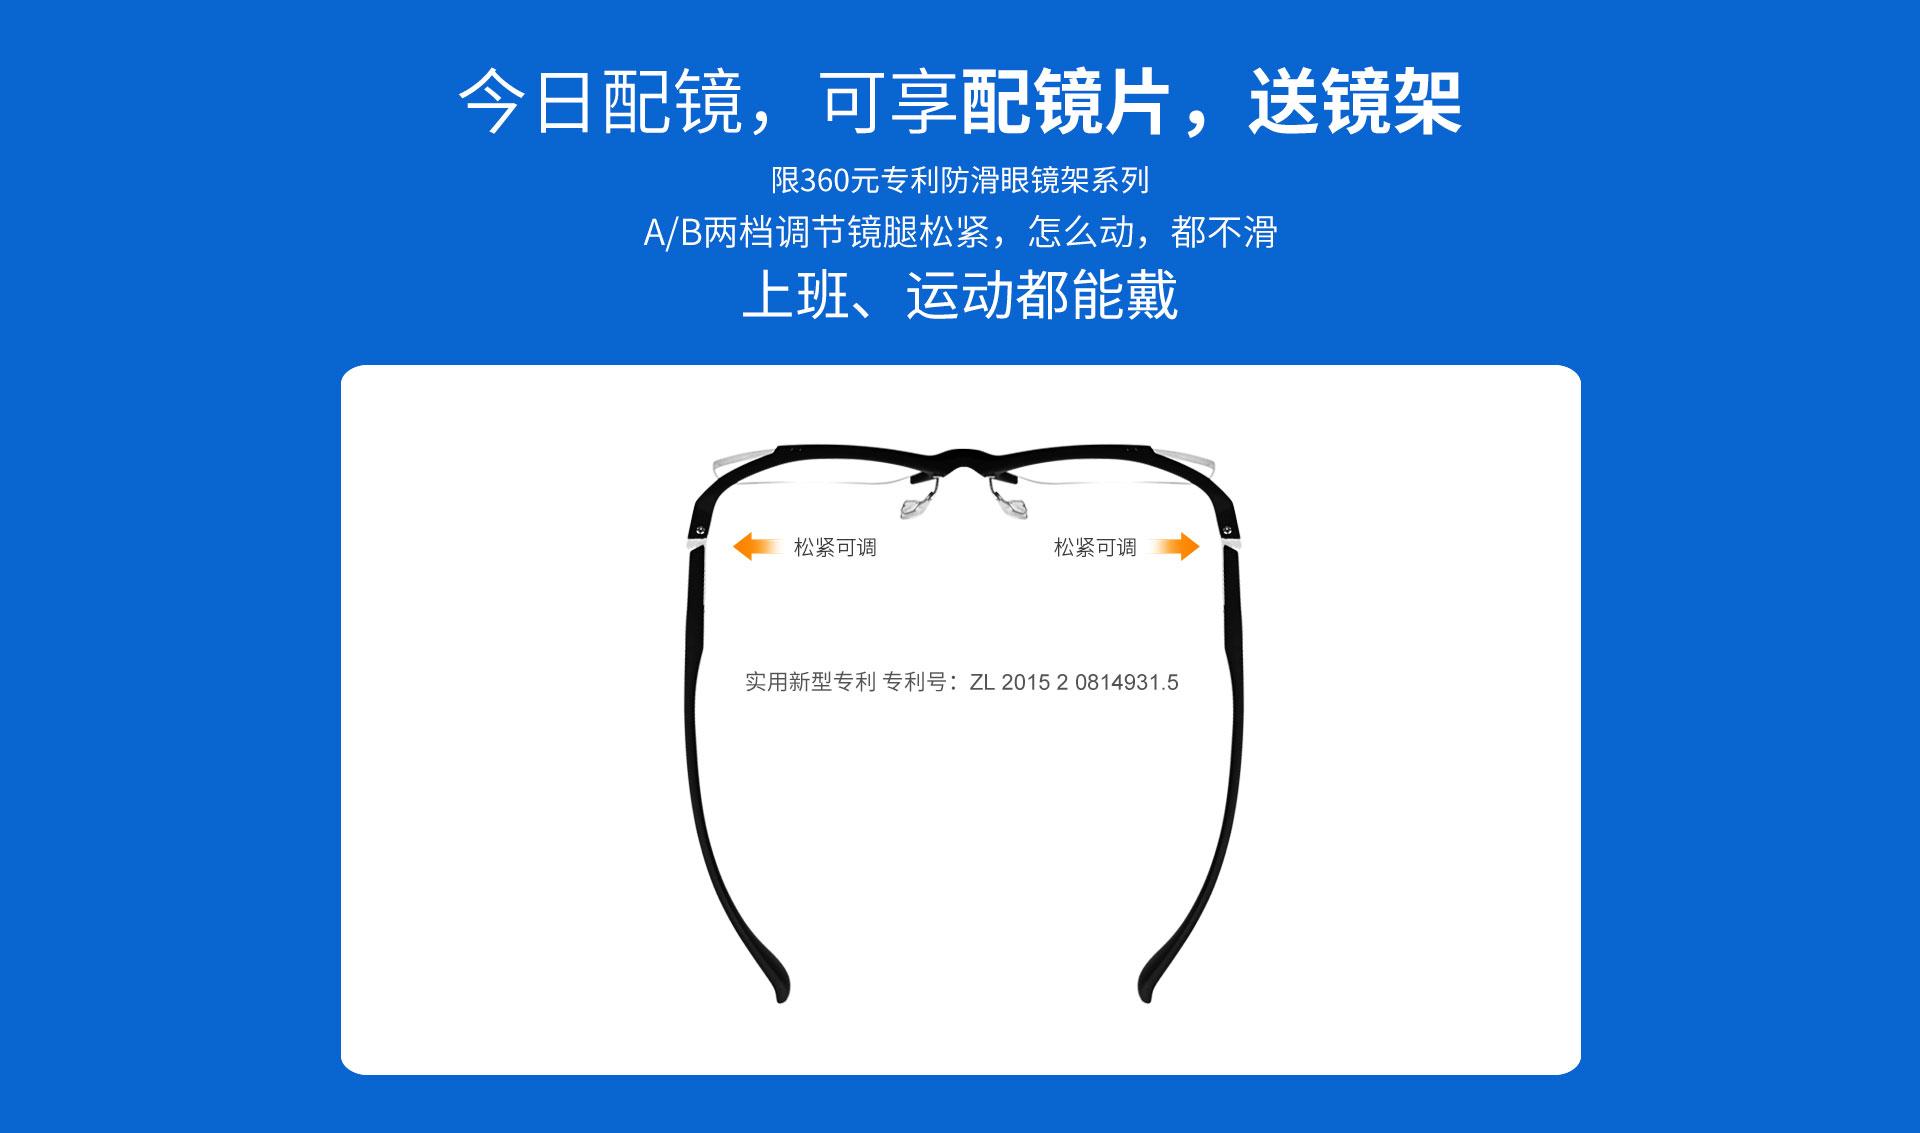 工作日配眼镜